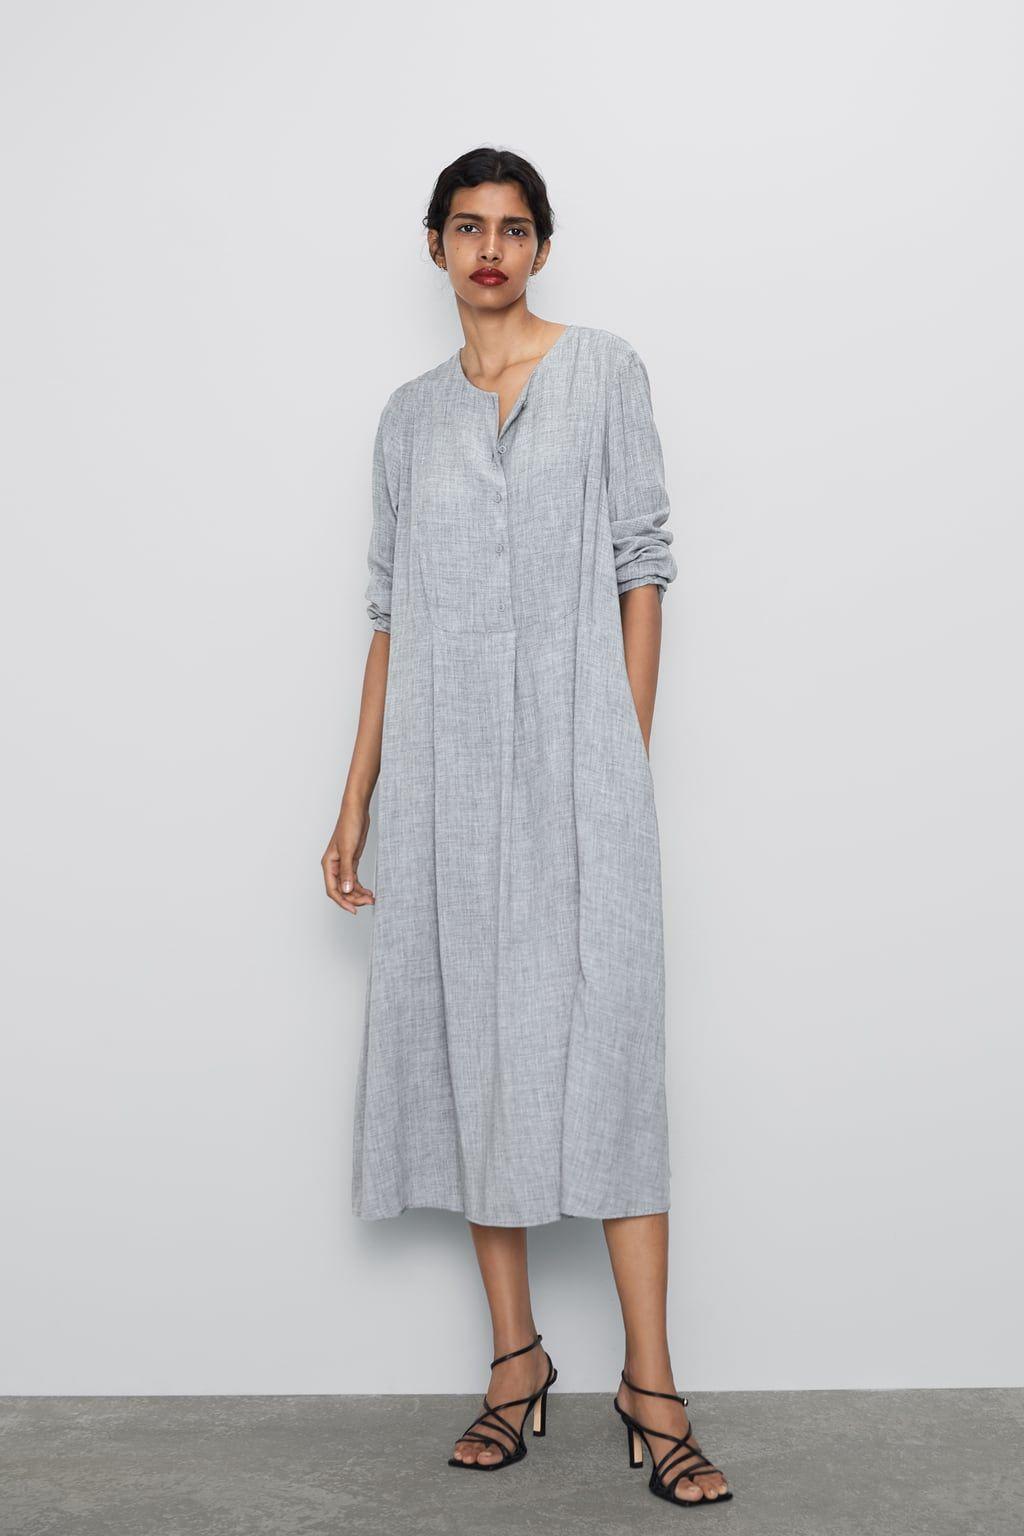 zara - woman - buttoned dress | kleider damen, kleid mit